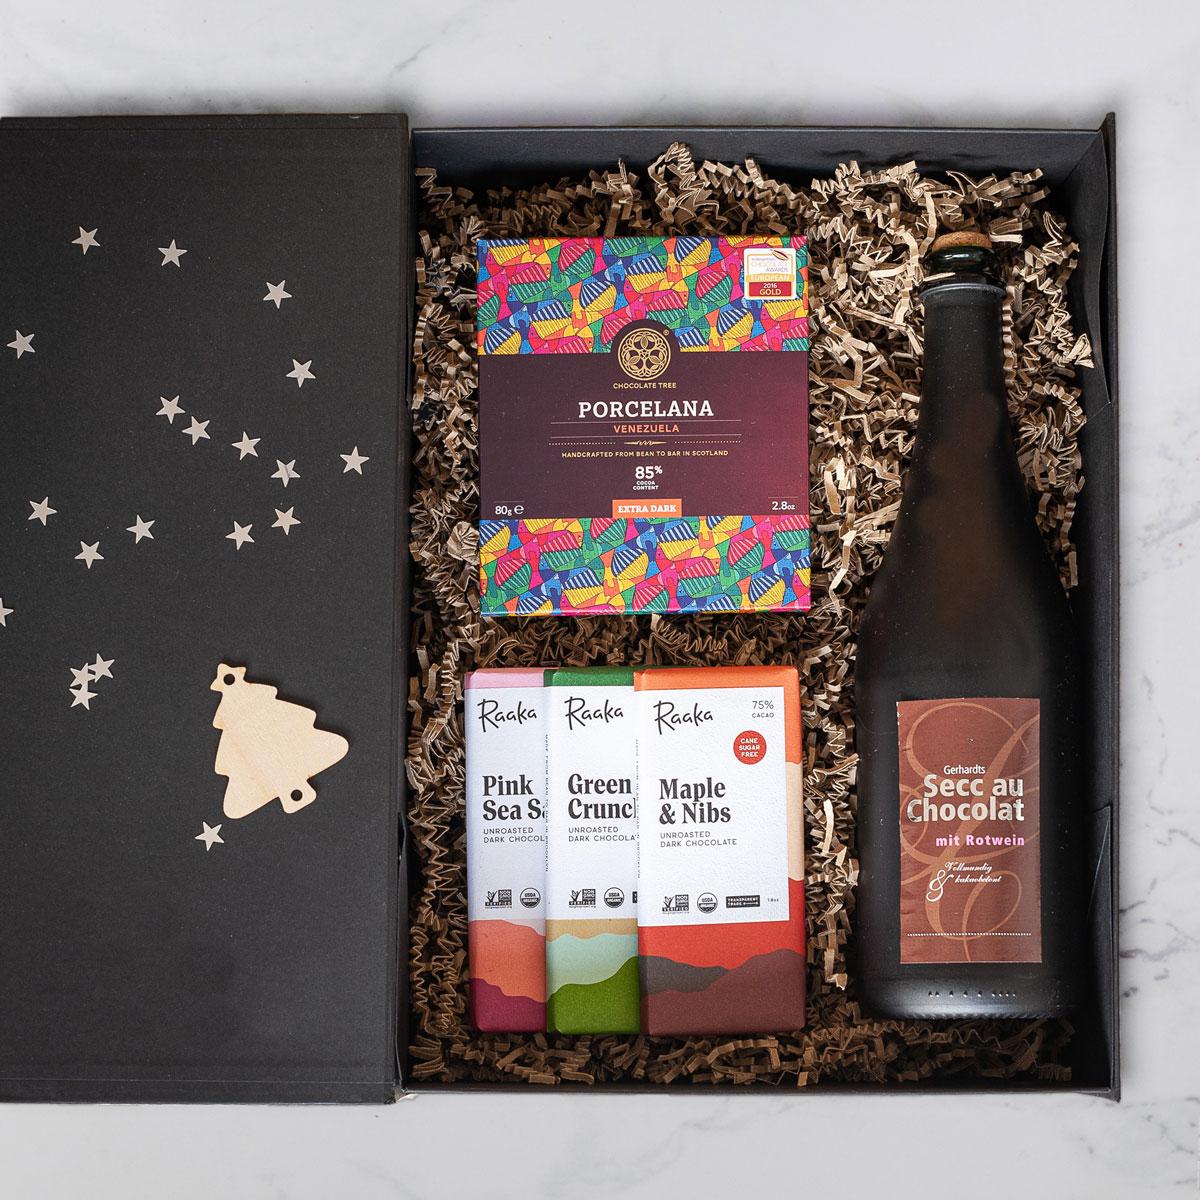 Chocolademeisjes pakket, met duurzame chocolade en wijn in luxe doos.